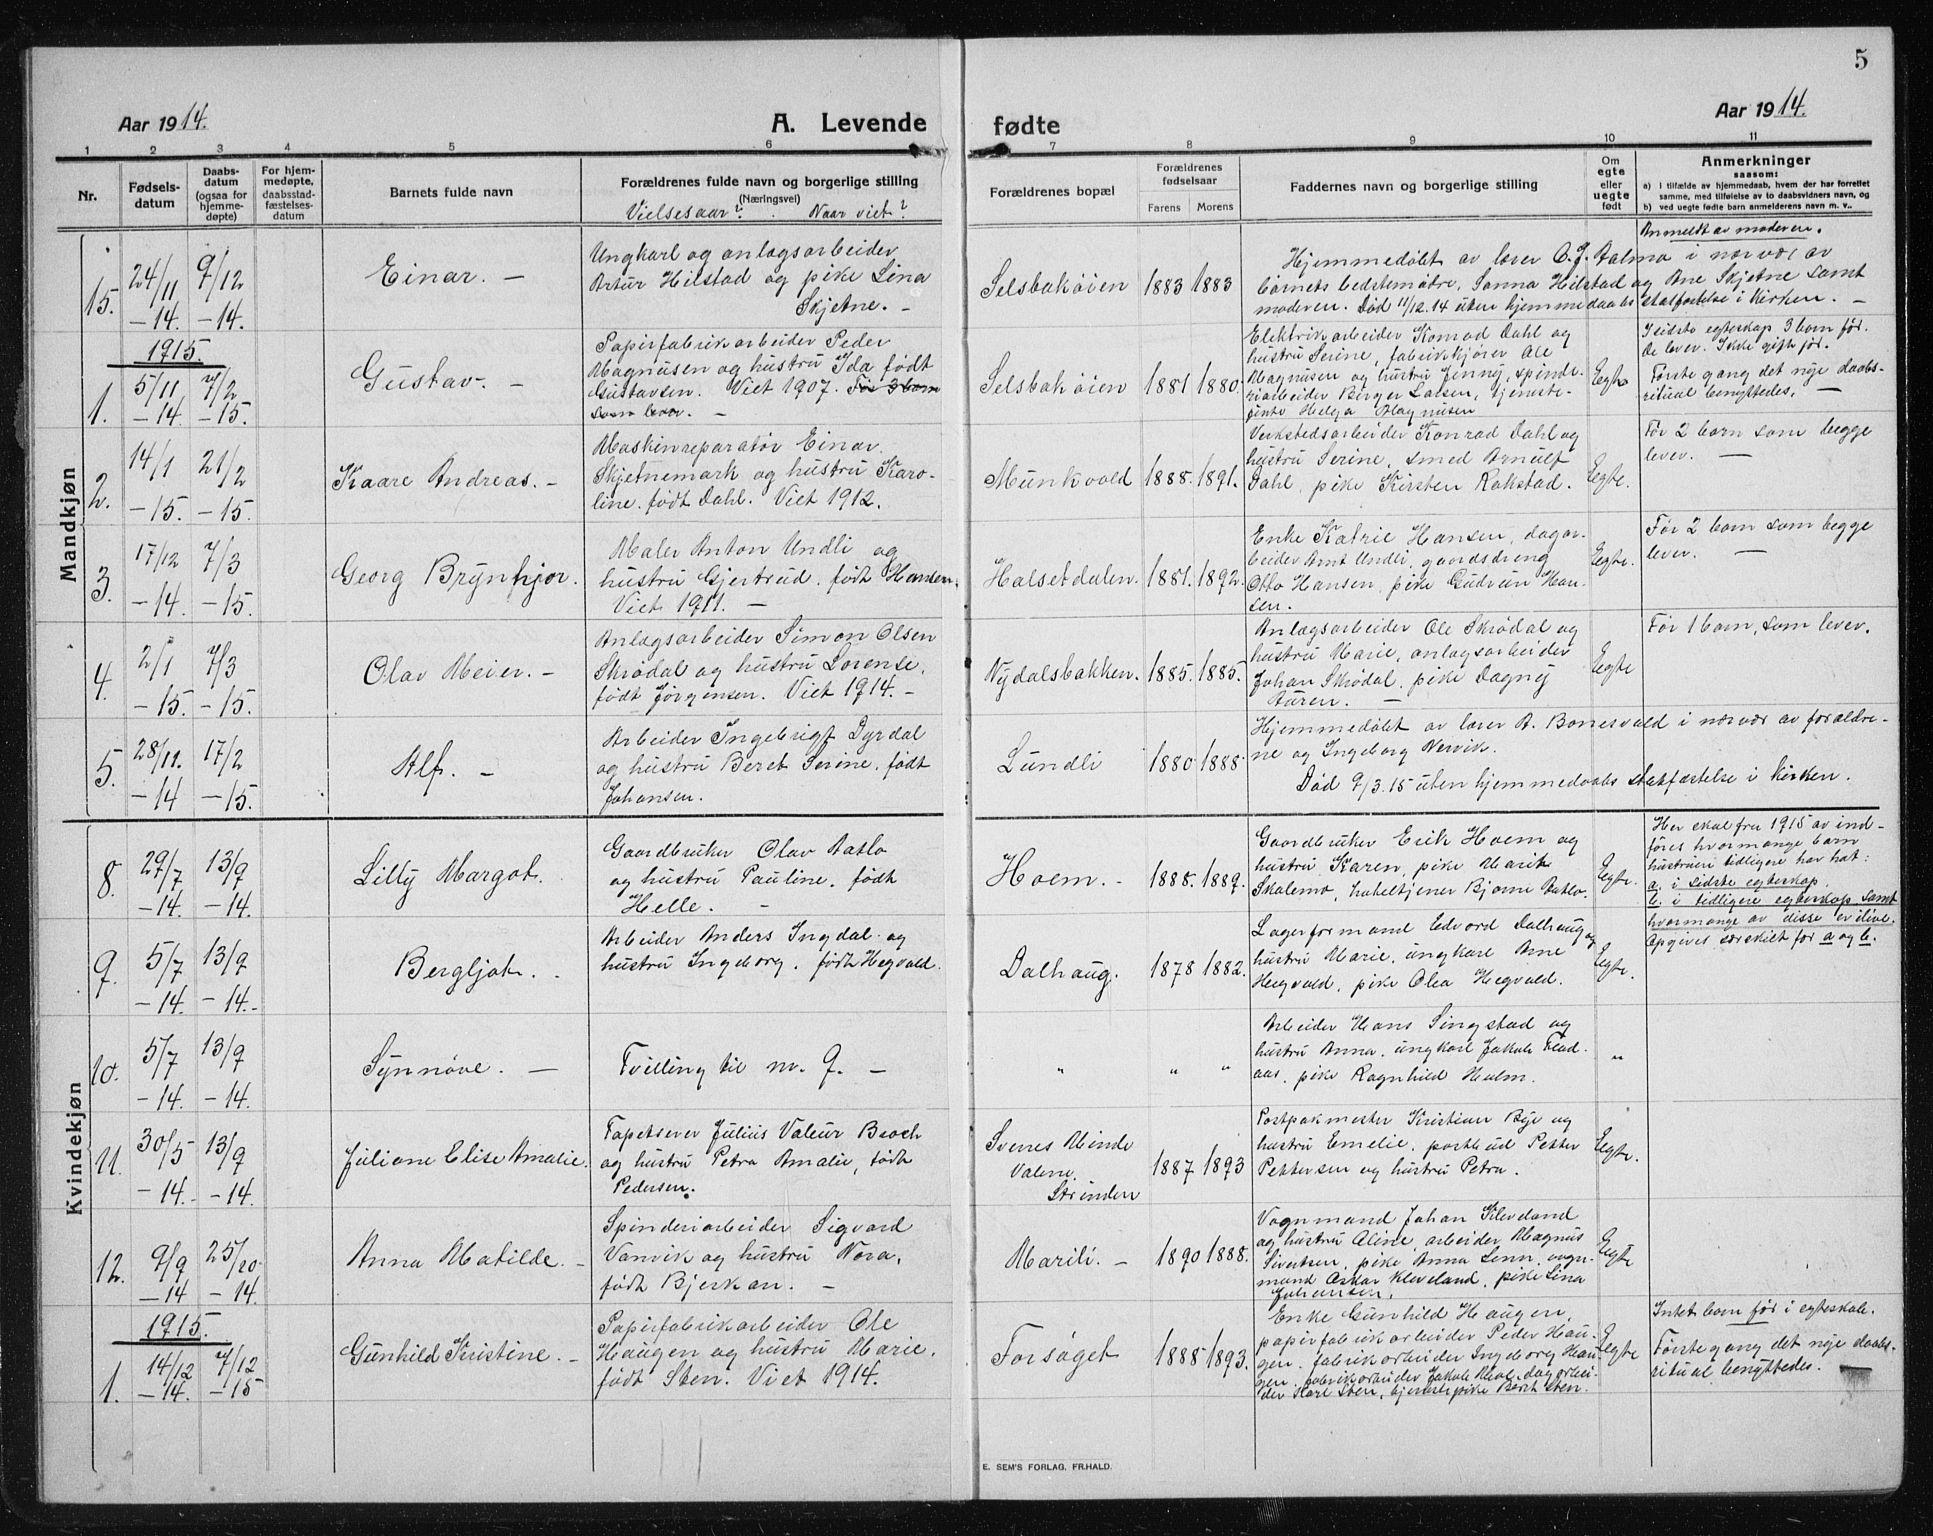 SAT, Ministerialprotokoller, klokkerbøker og fødselsregistre - Sør-Trøndelag, 611/L0356: Klokkerbok nr. 611C04, 1914-1938, s. 5